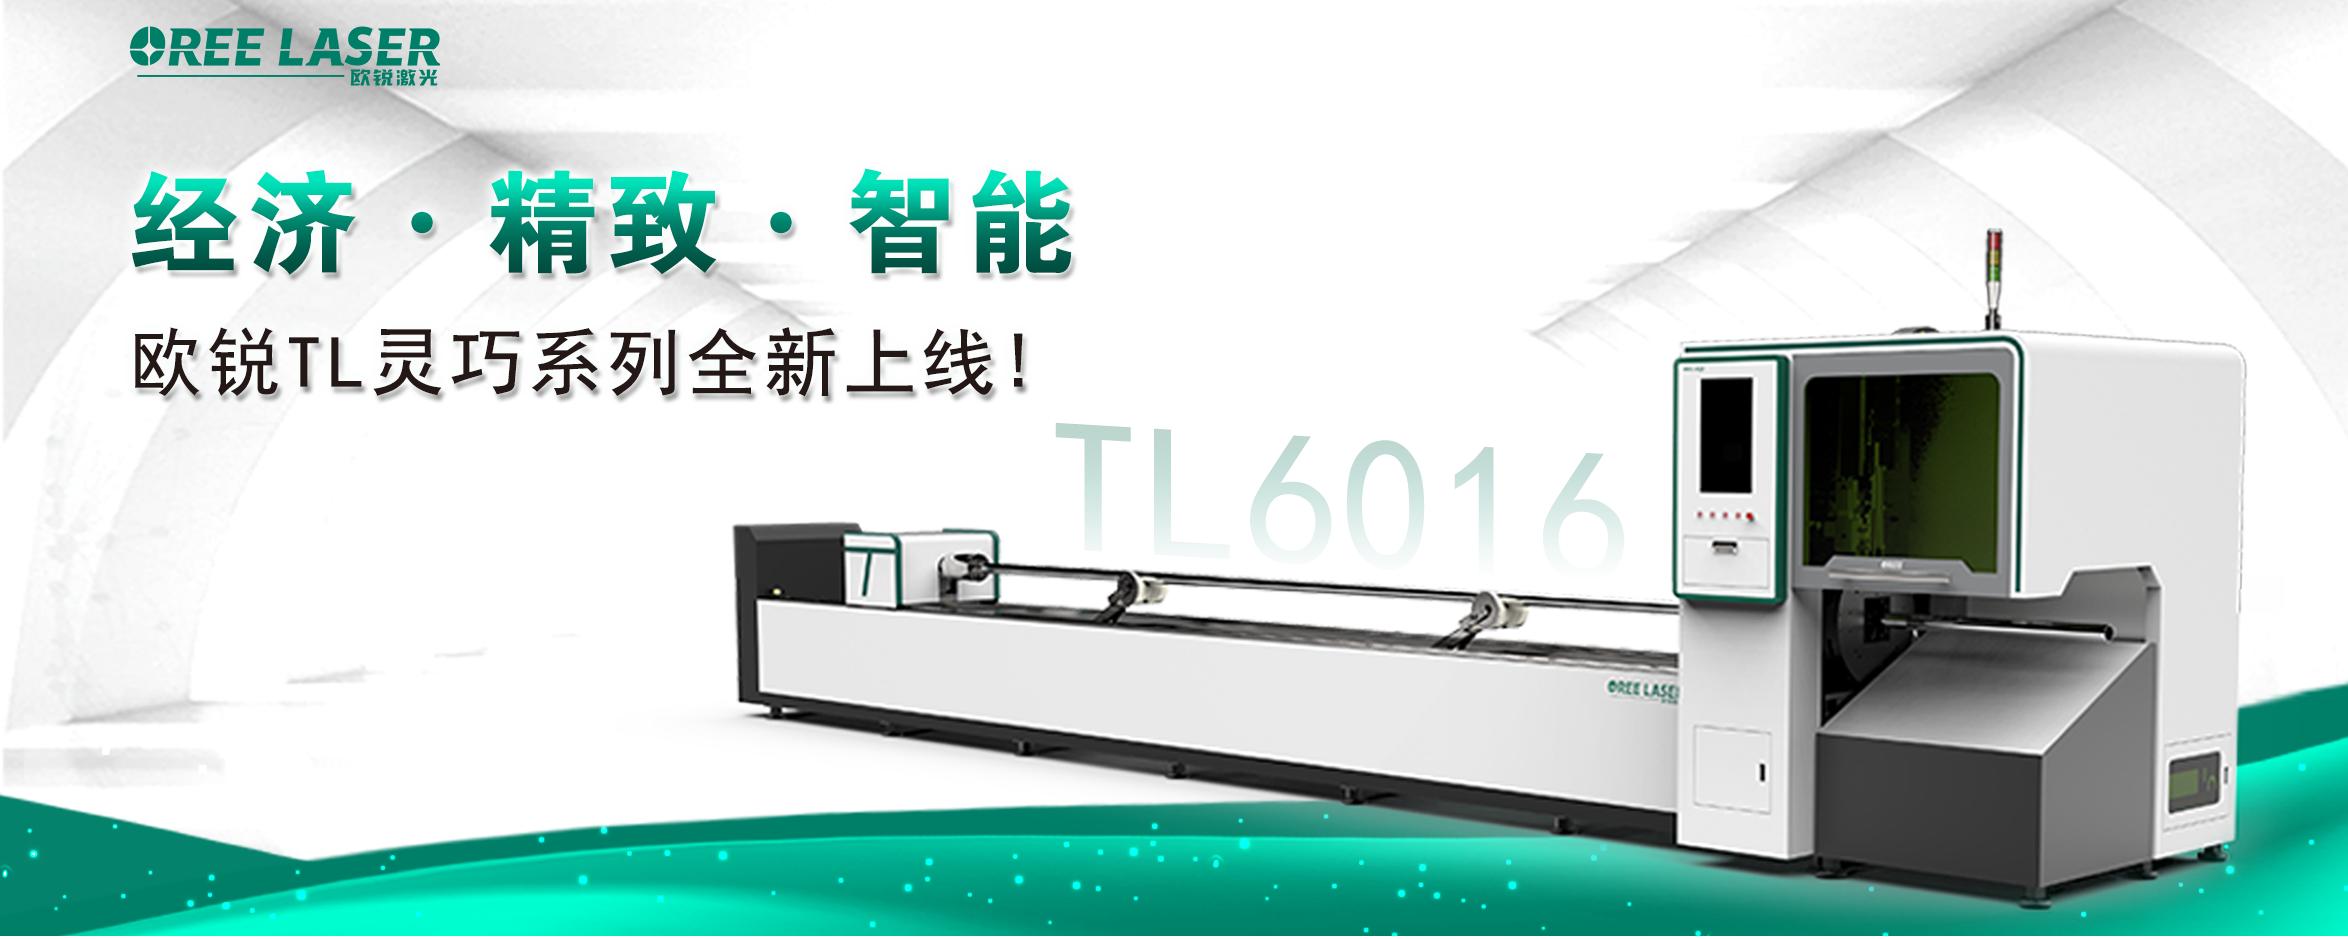 管材切割机,管材经济型激光切割机,便宜好用管材激光切割机,便宜管材激光切割机